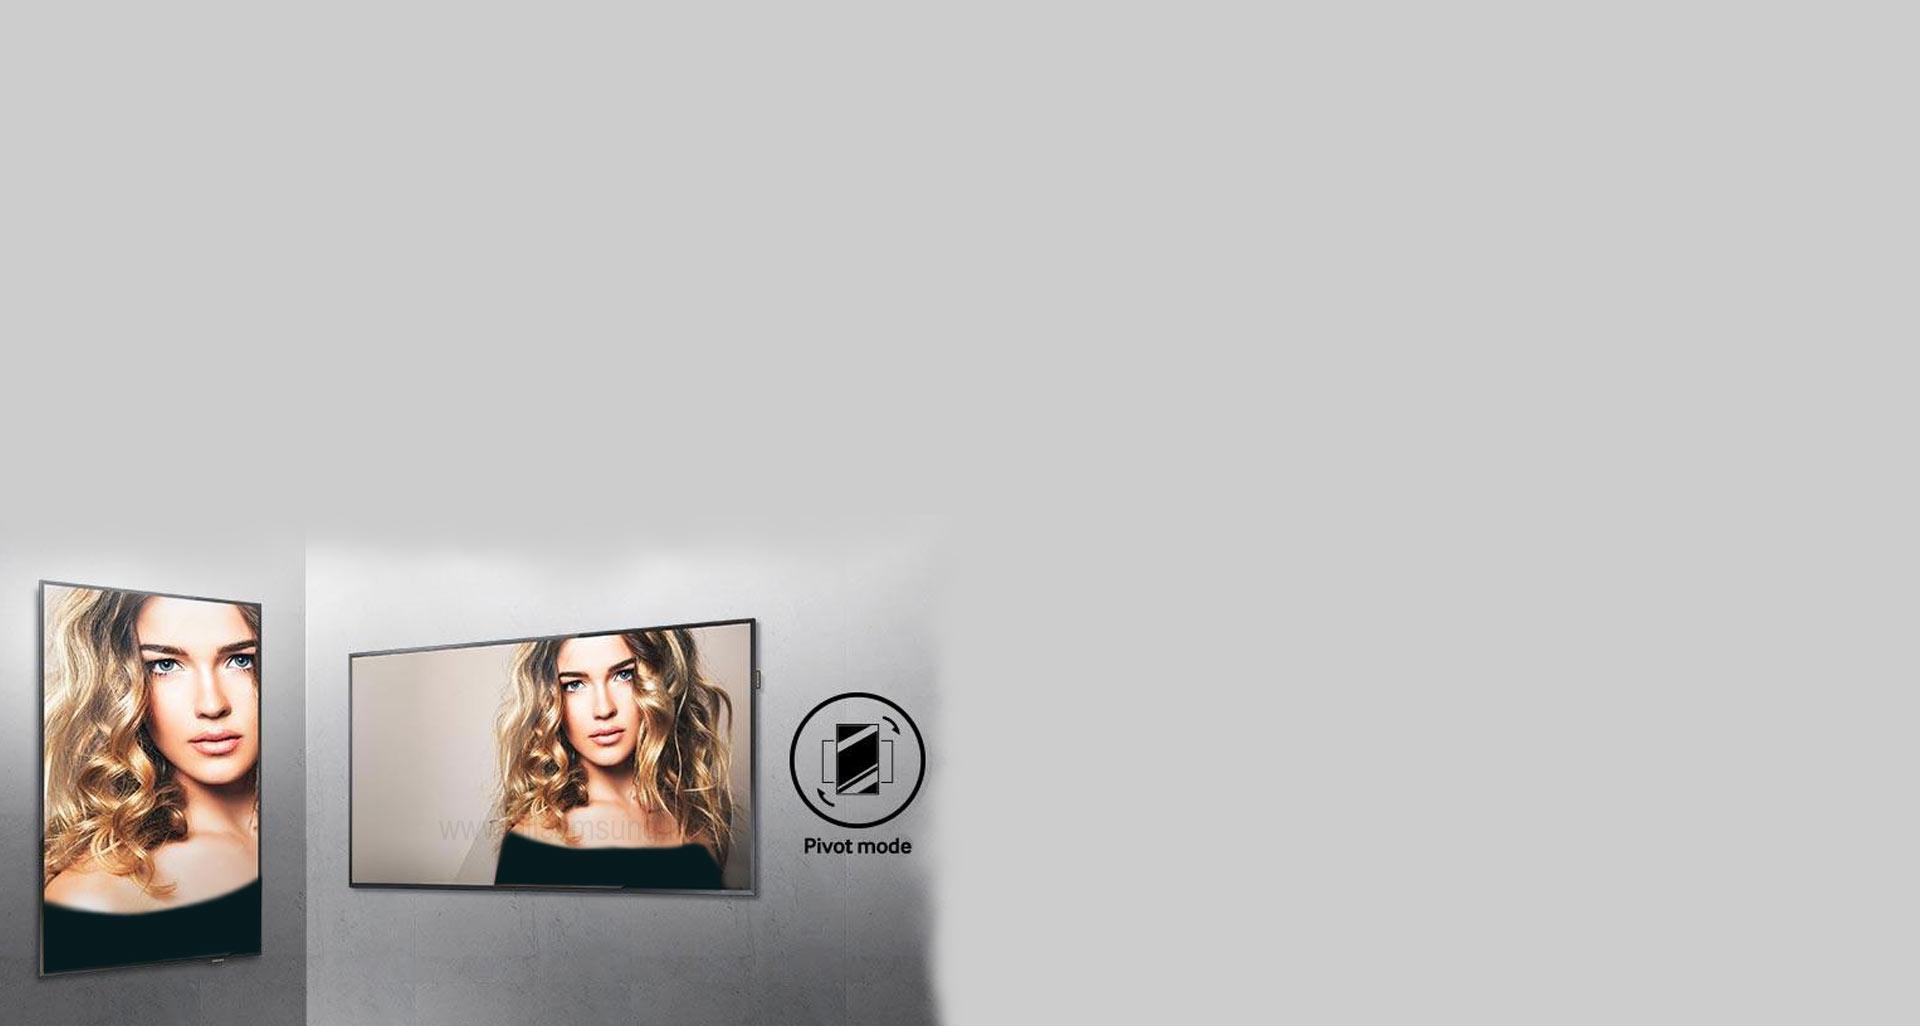 انتخاب مناسب ترین جهت برای نمایش تصاویر با استفاده از حالت pivot mode